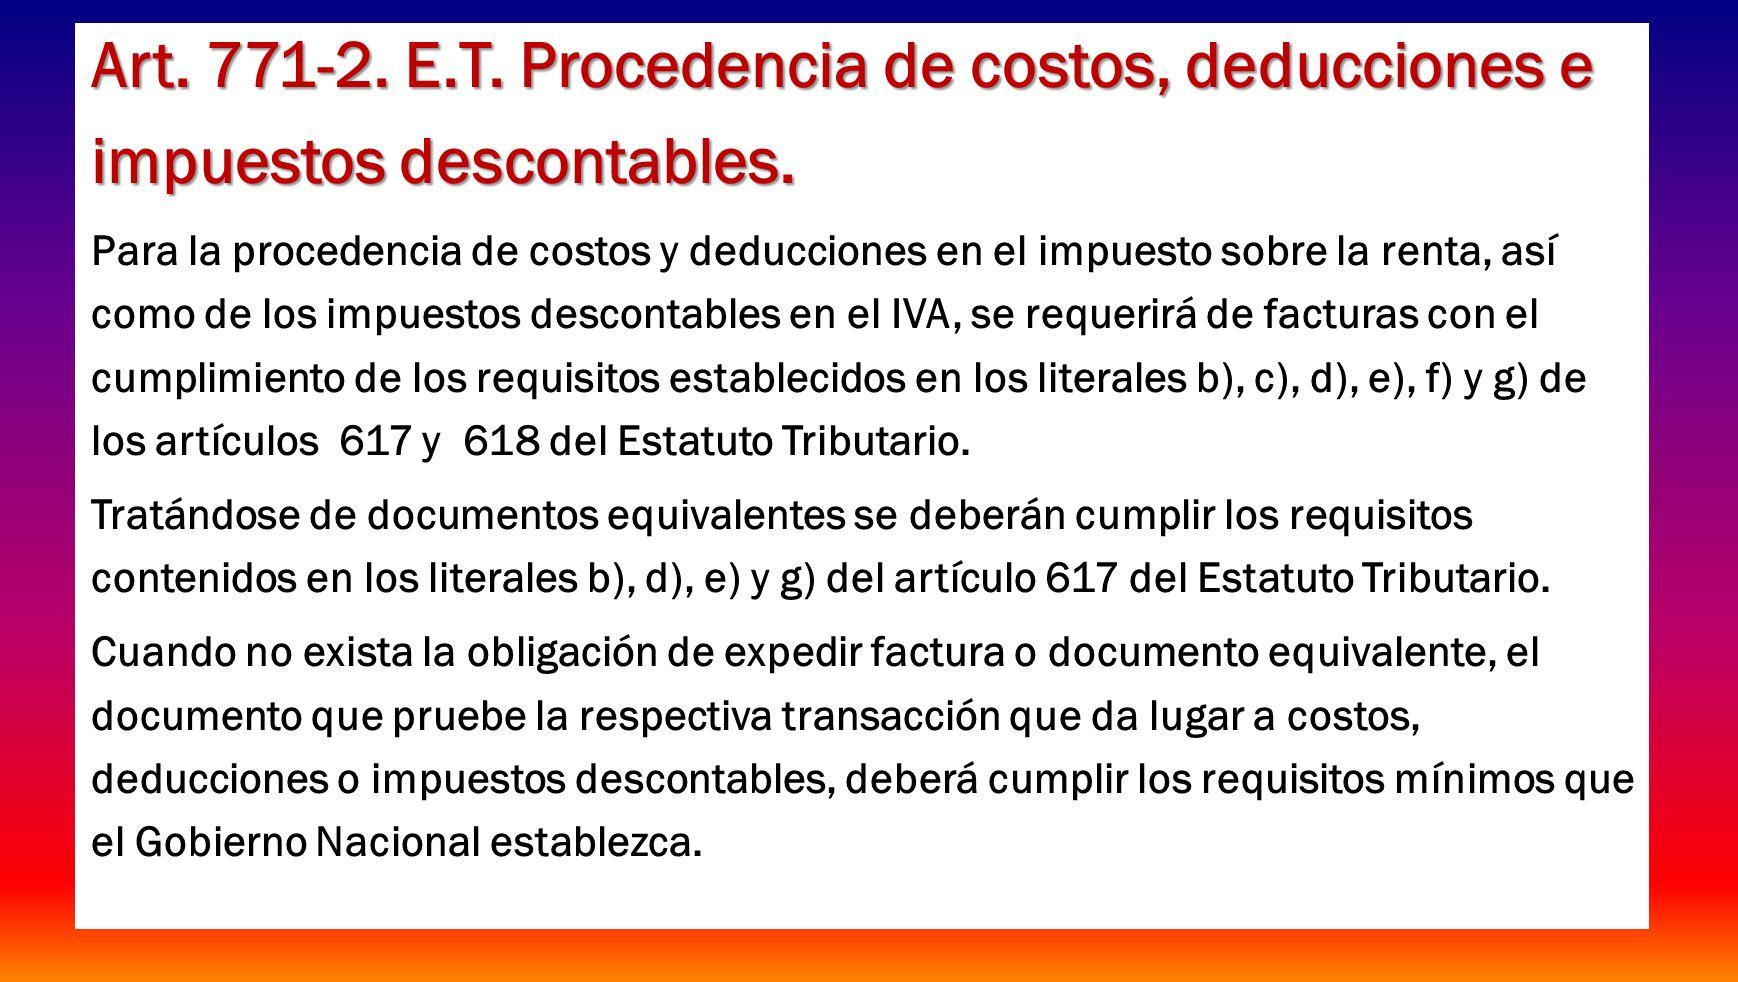 Art. 771-2. E.T. Procedencia de costos, deducciones e impuestos descontables. Para la procedencia de costos y deducciones en el impuesto sobre la rent